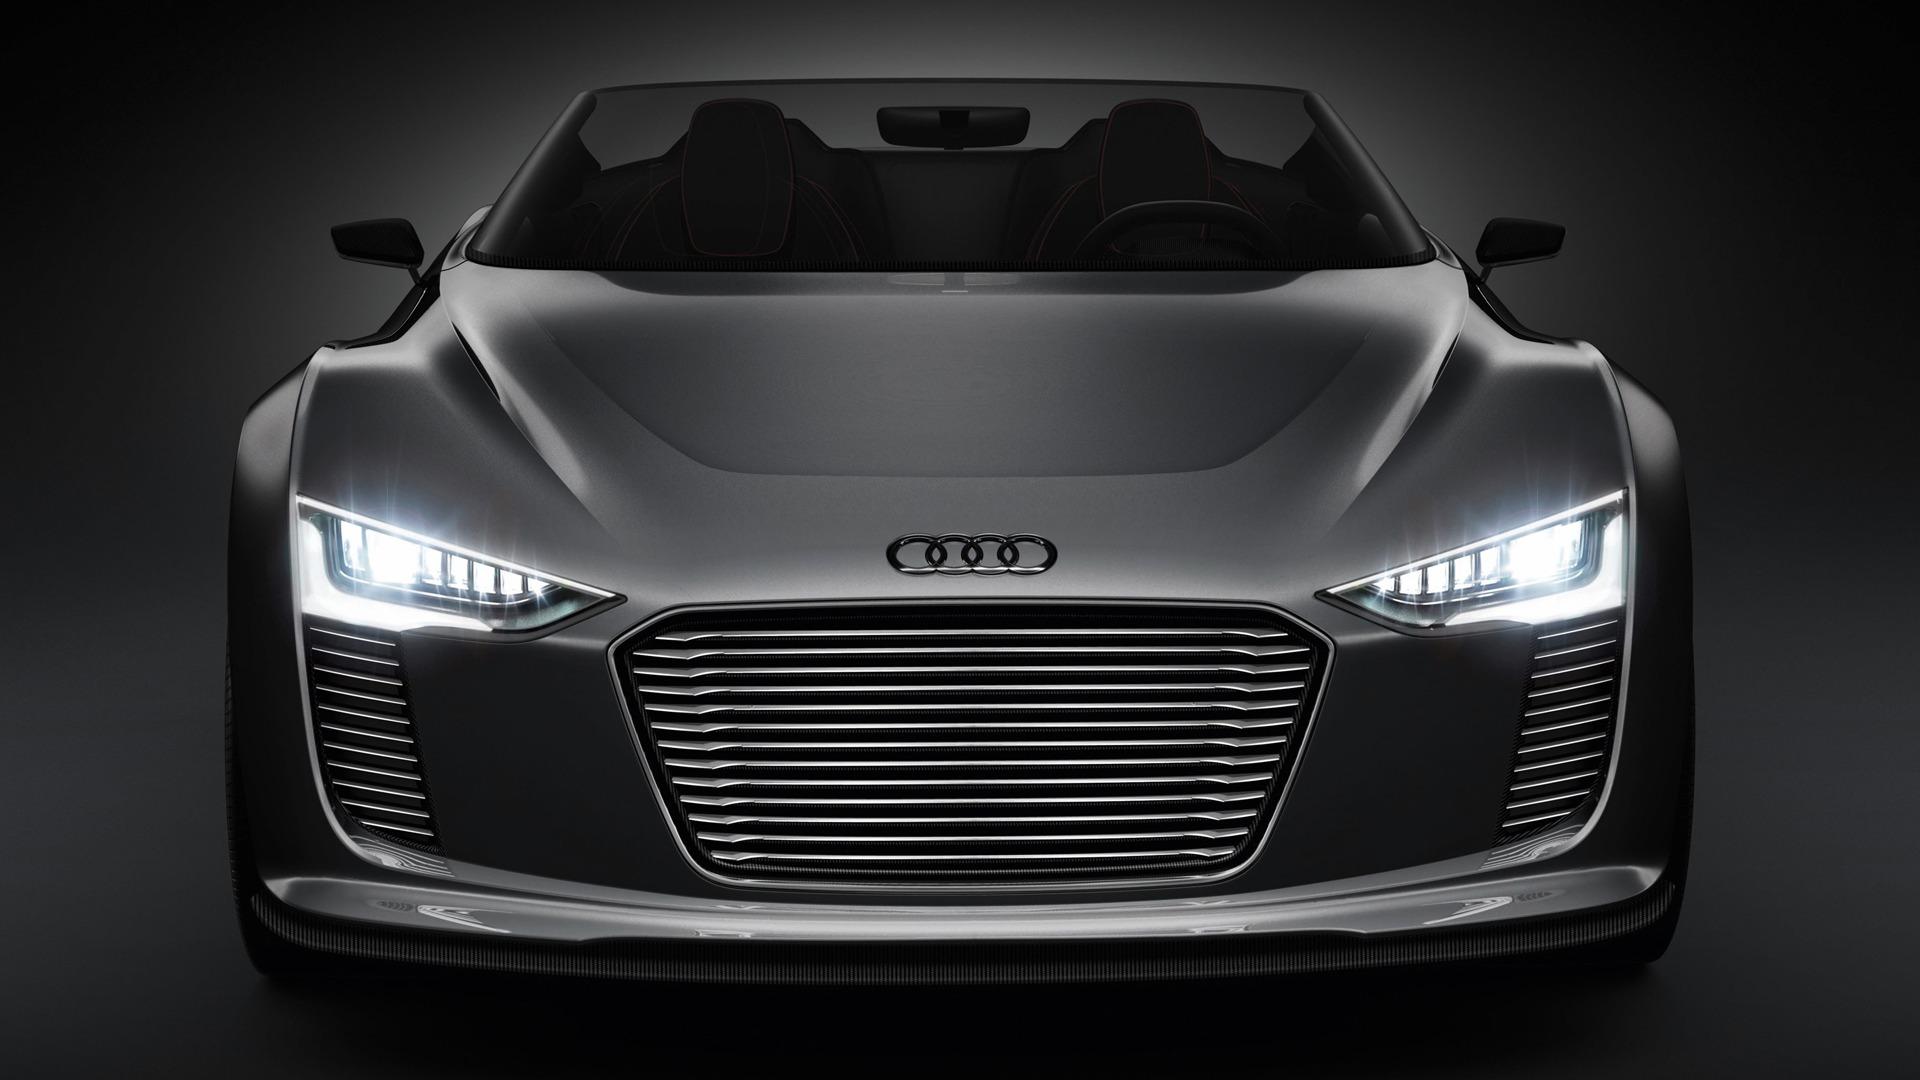 컨셉 아우디 자동차 전자 Tron 스파이더 2010의 Hd 배경 화면 9 1920x1080 배경